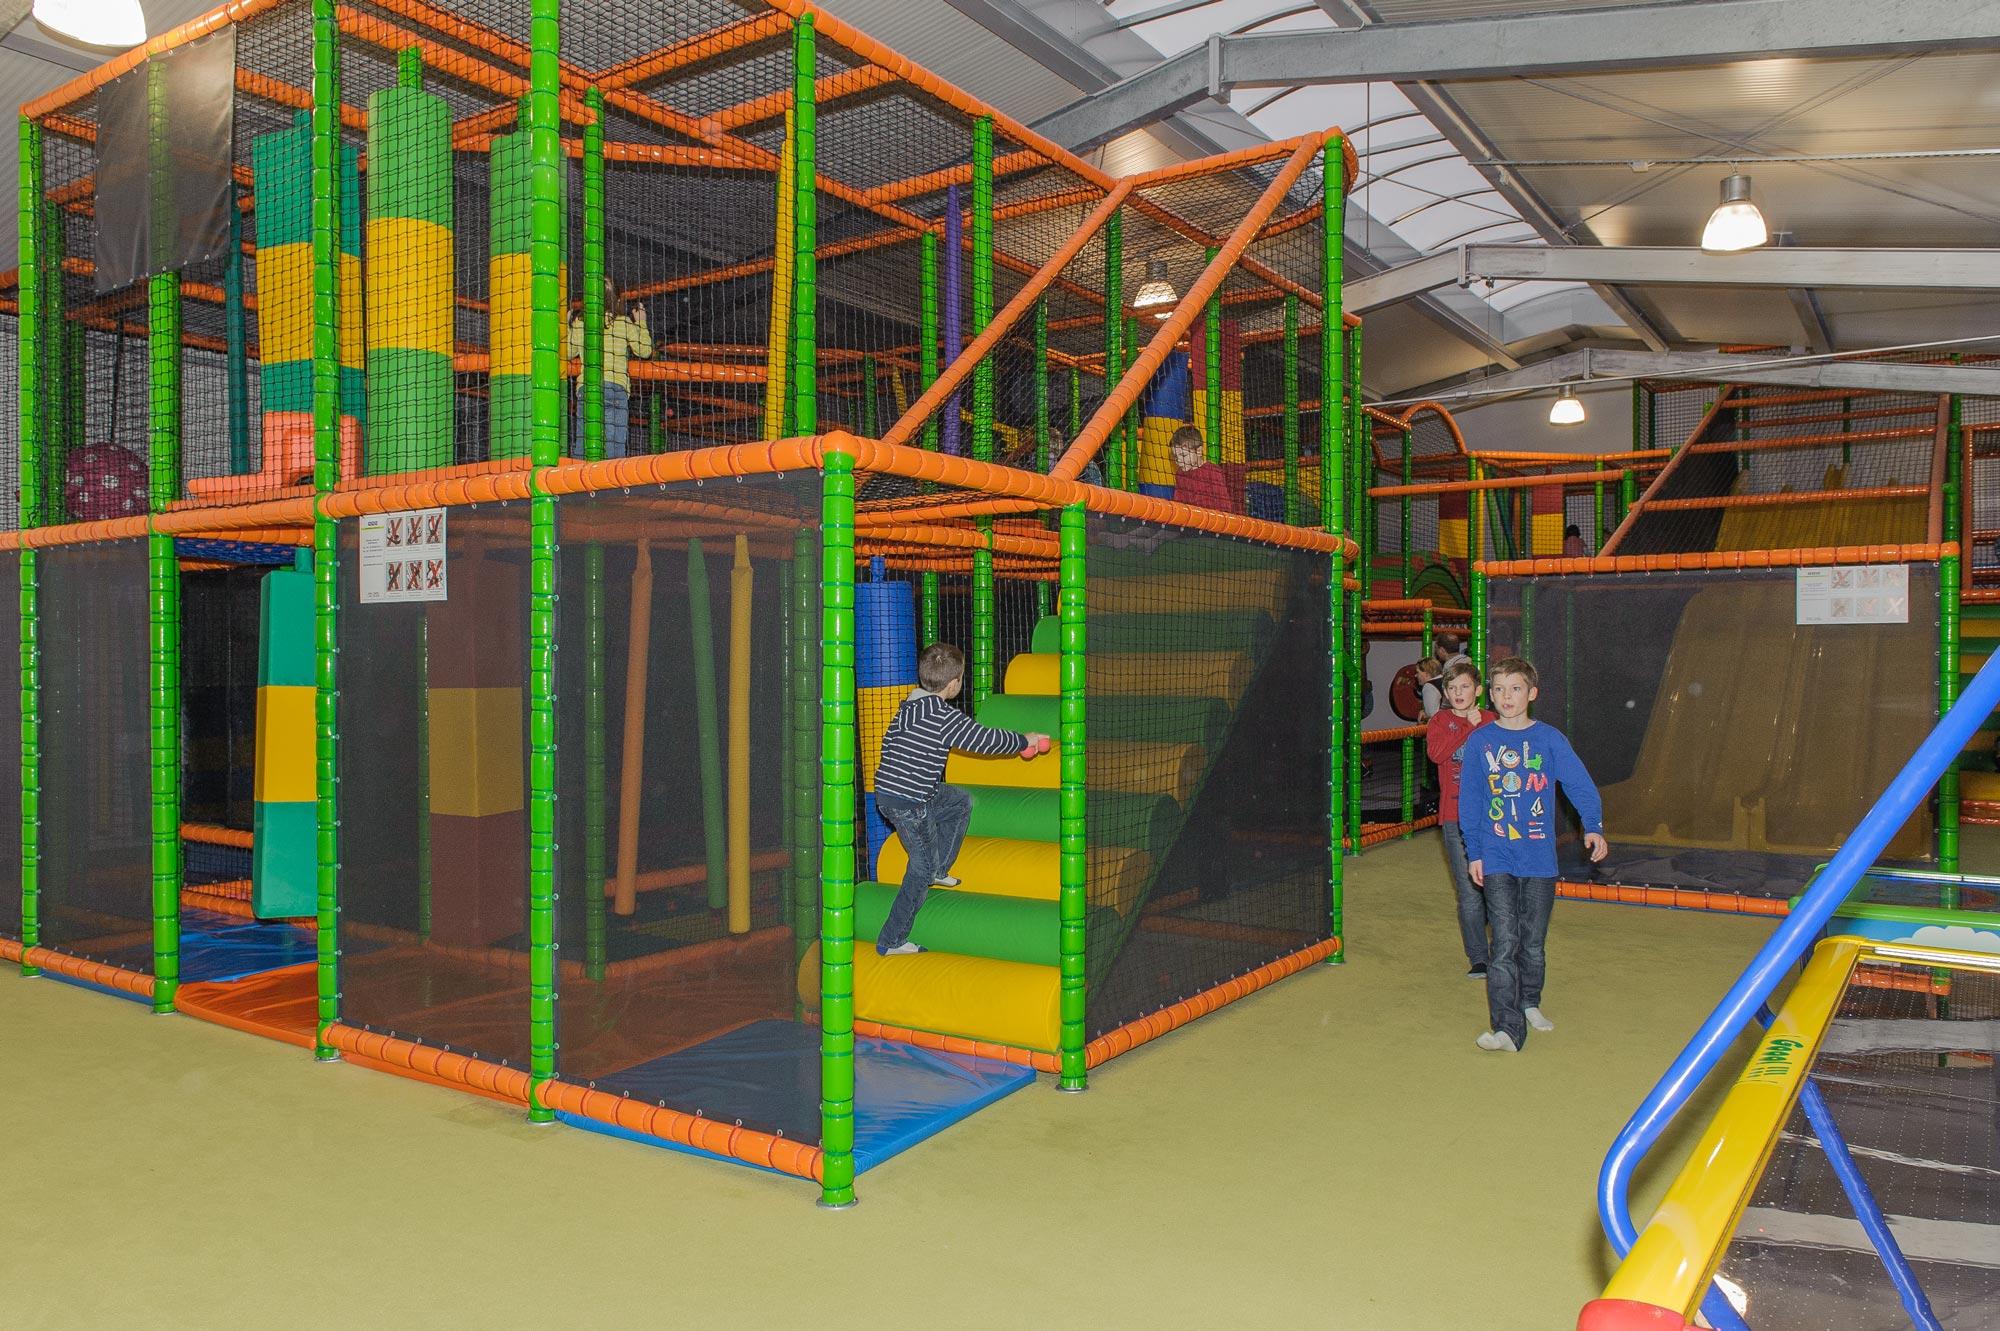 indoor spielplatz zuhause design - 28 images - emejing indoor ...